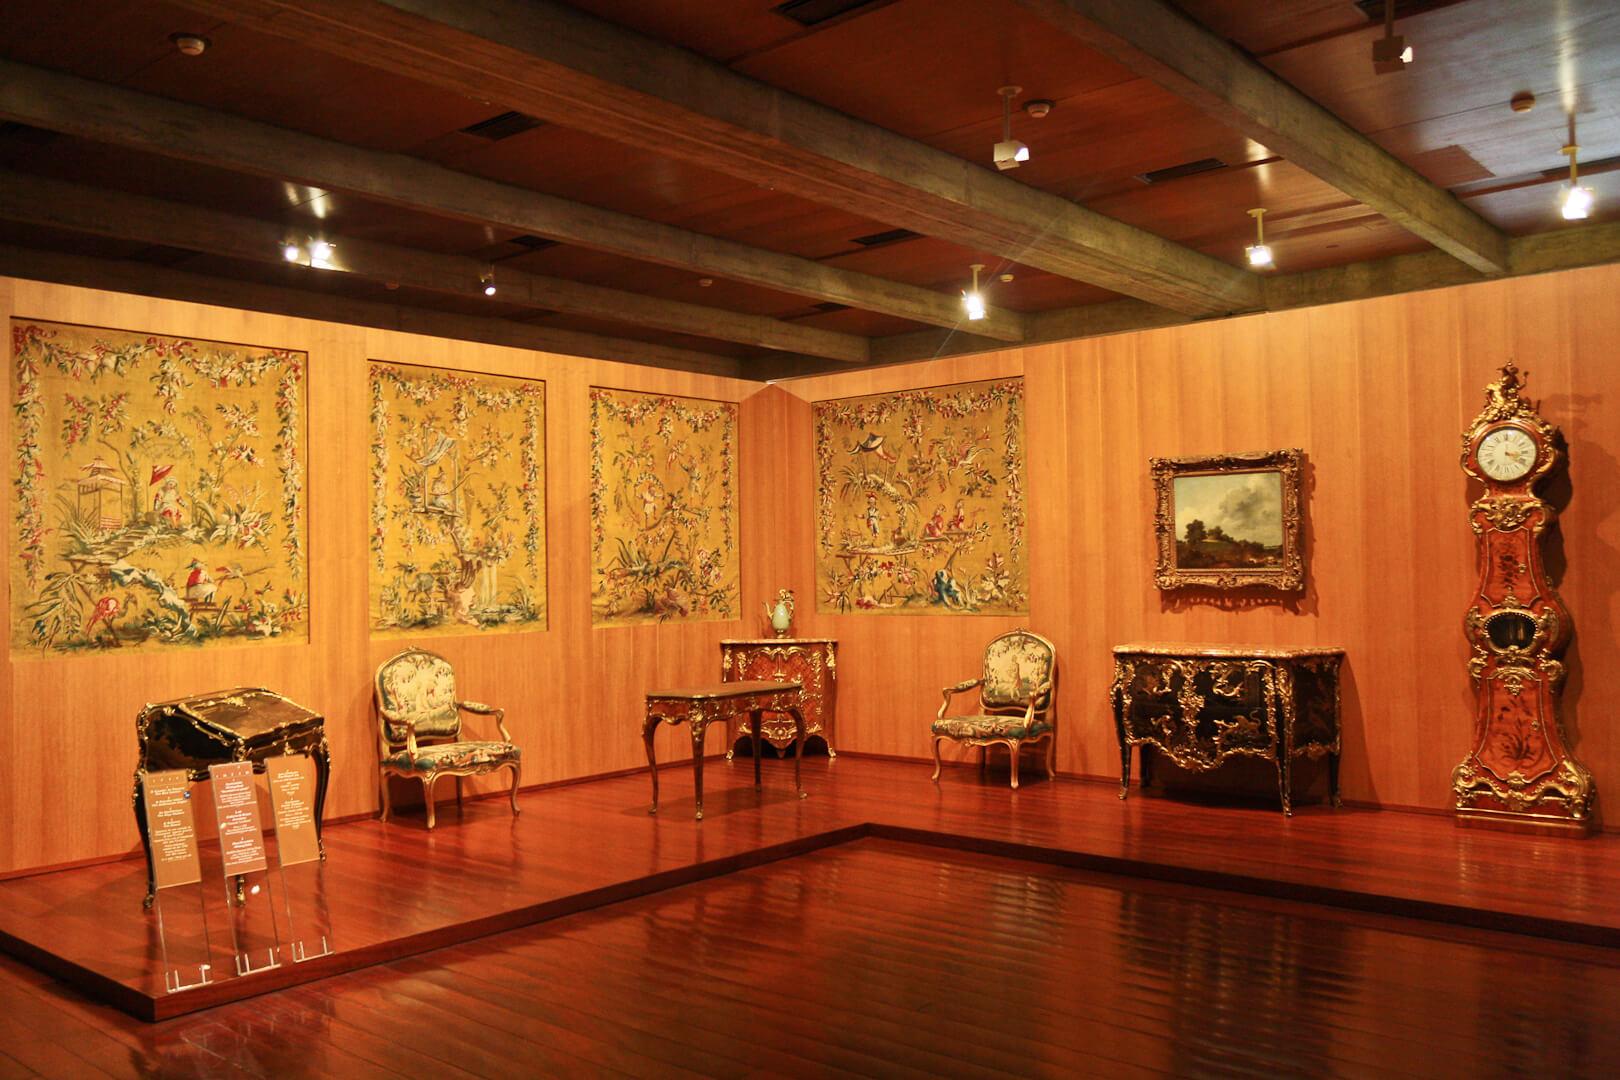 Произведений искусства в музее Галуста Гюльбенкяна